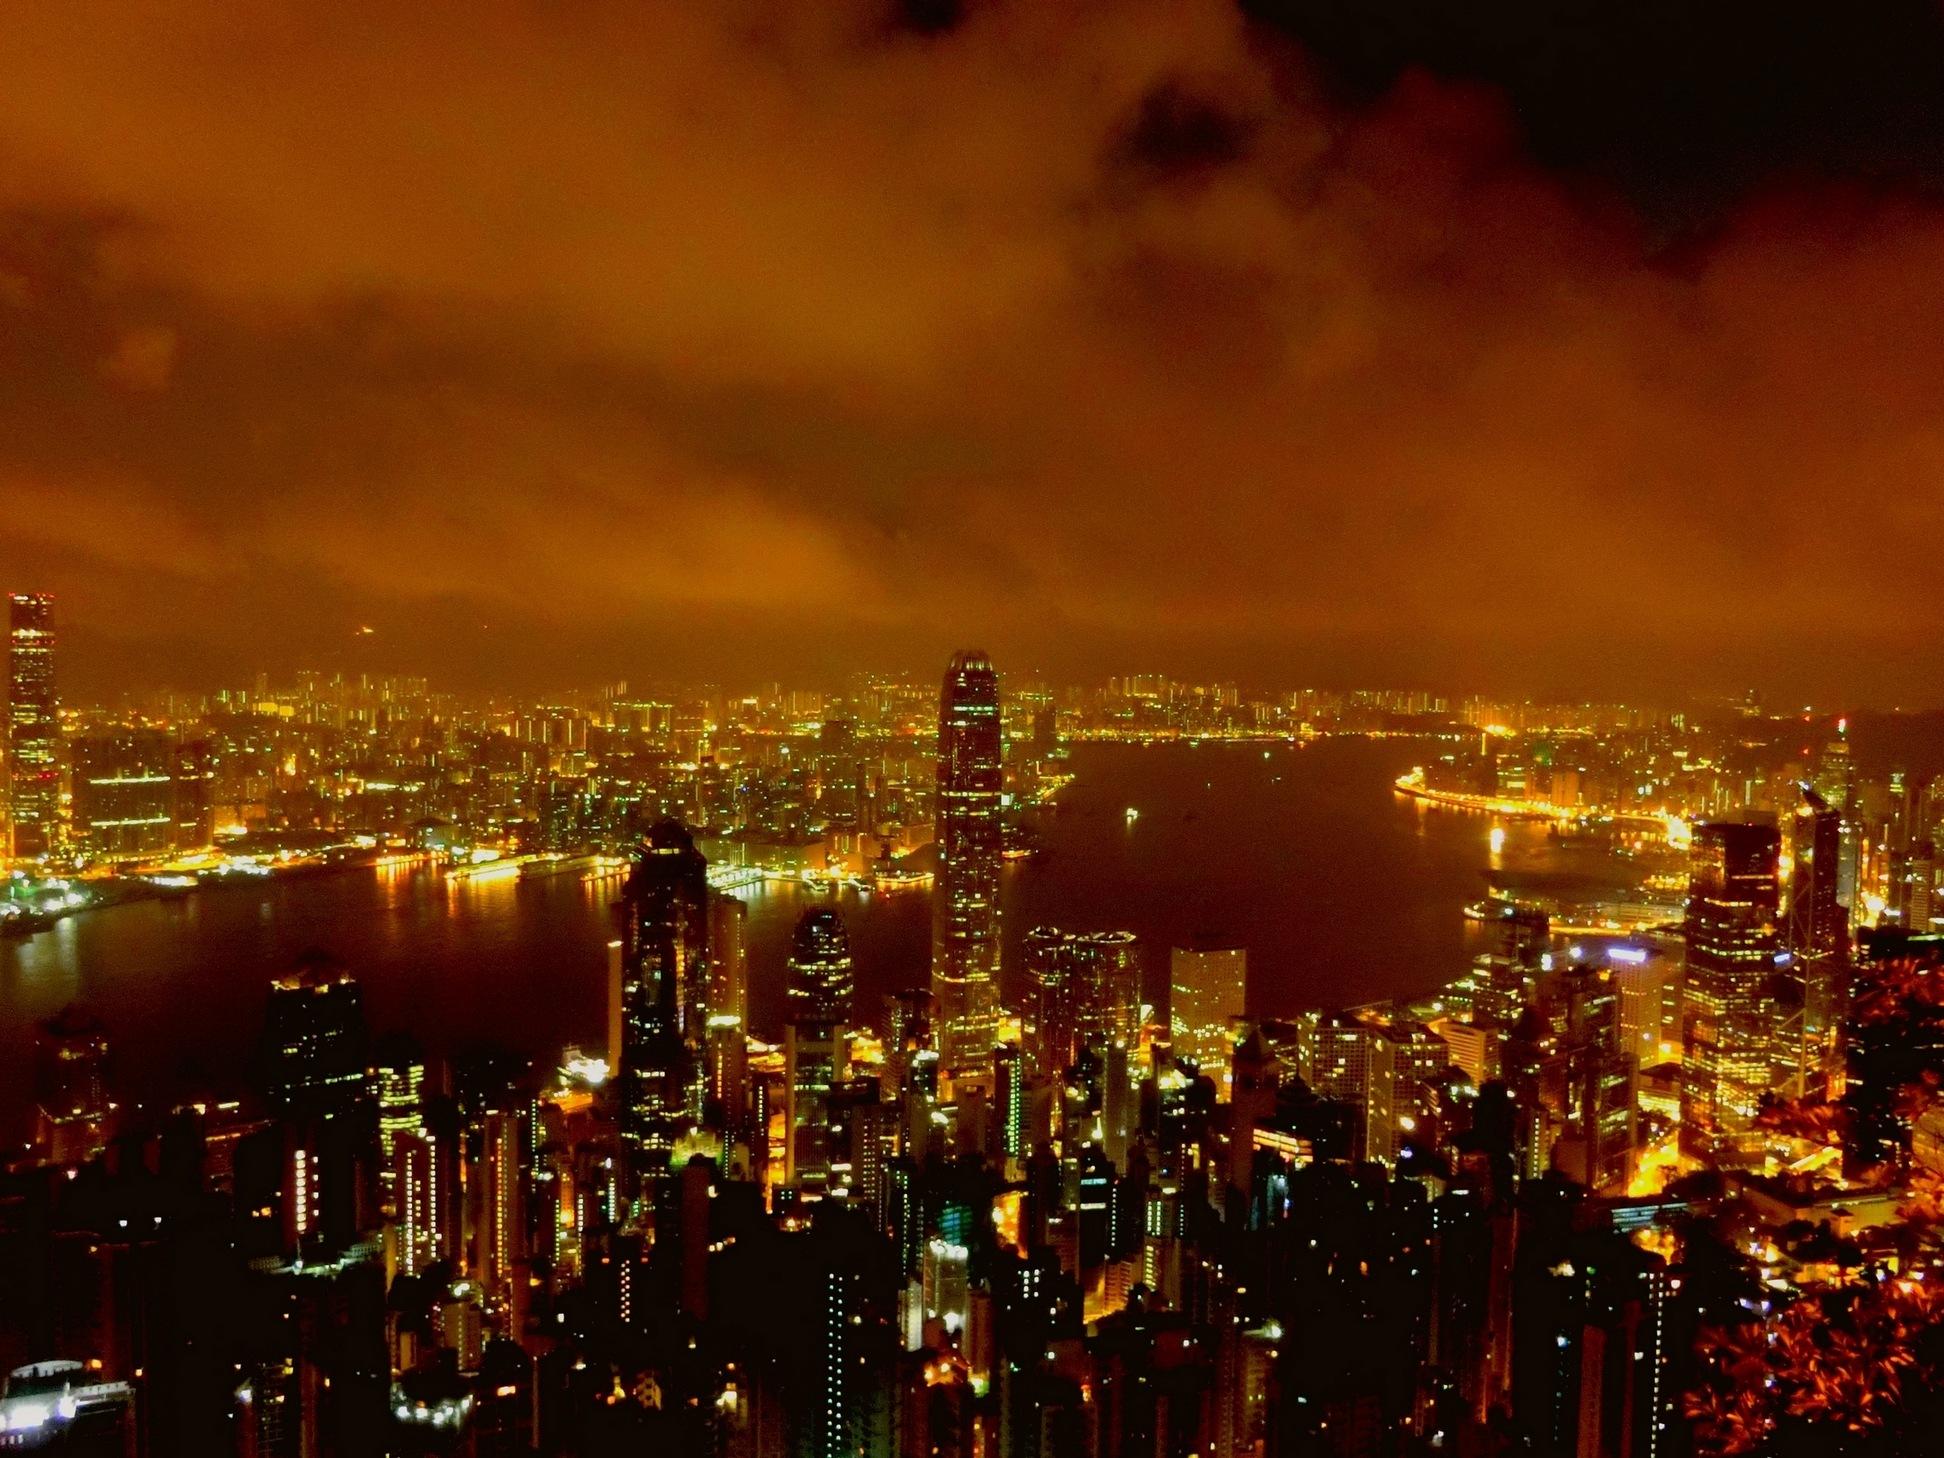 Hong Kong at night-2 by pop88123